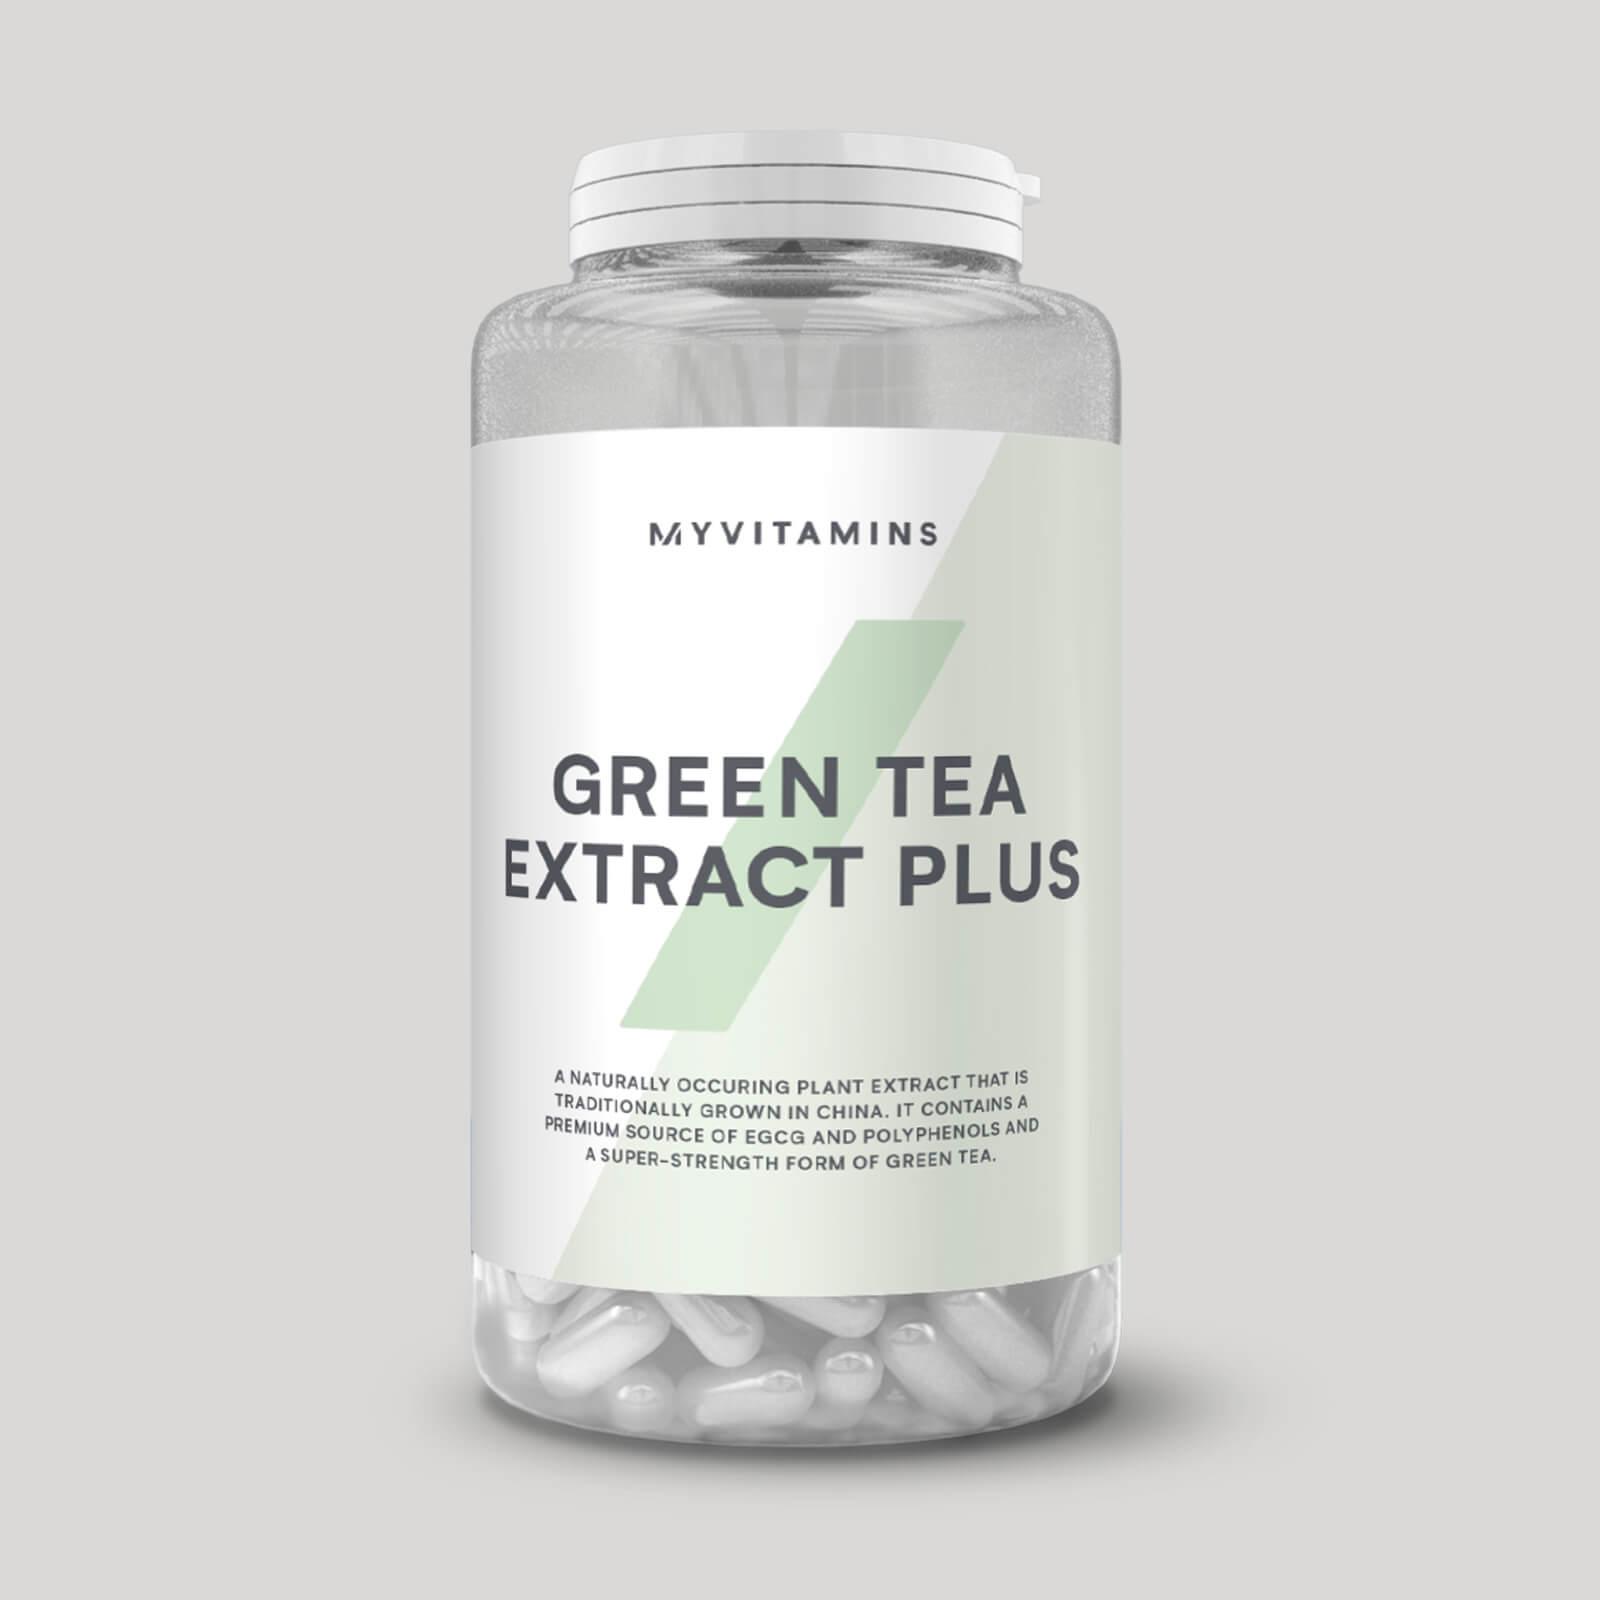 Green Tea Extract Plus